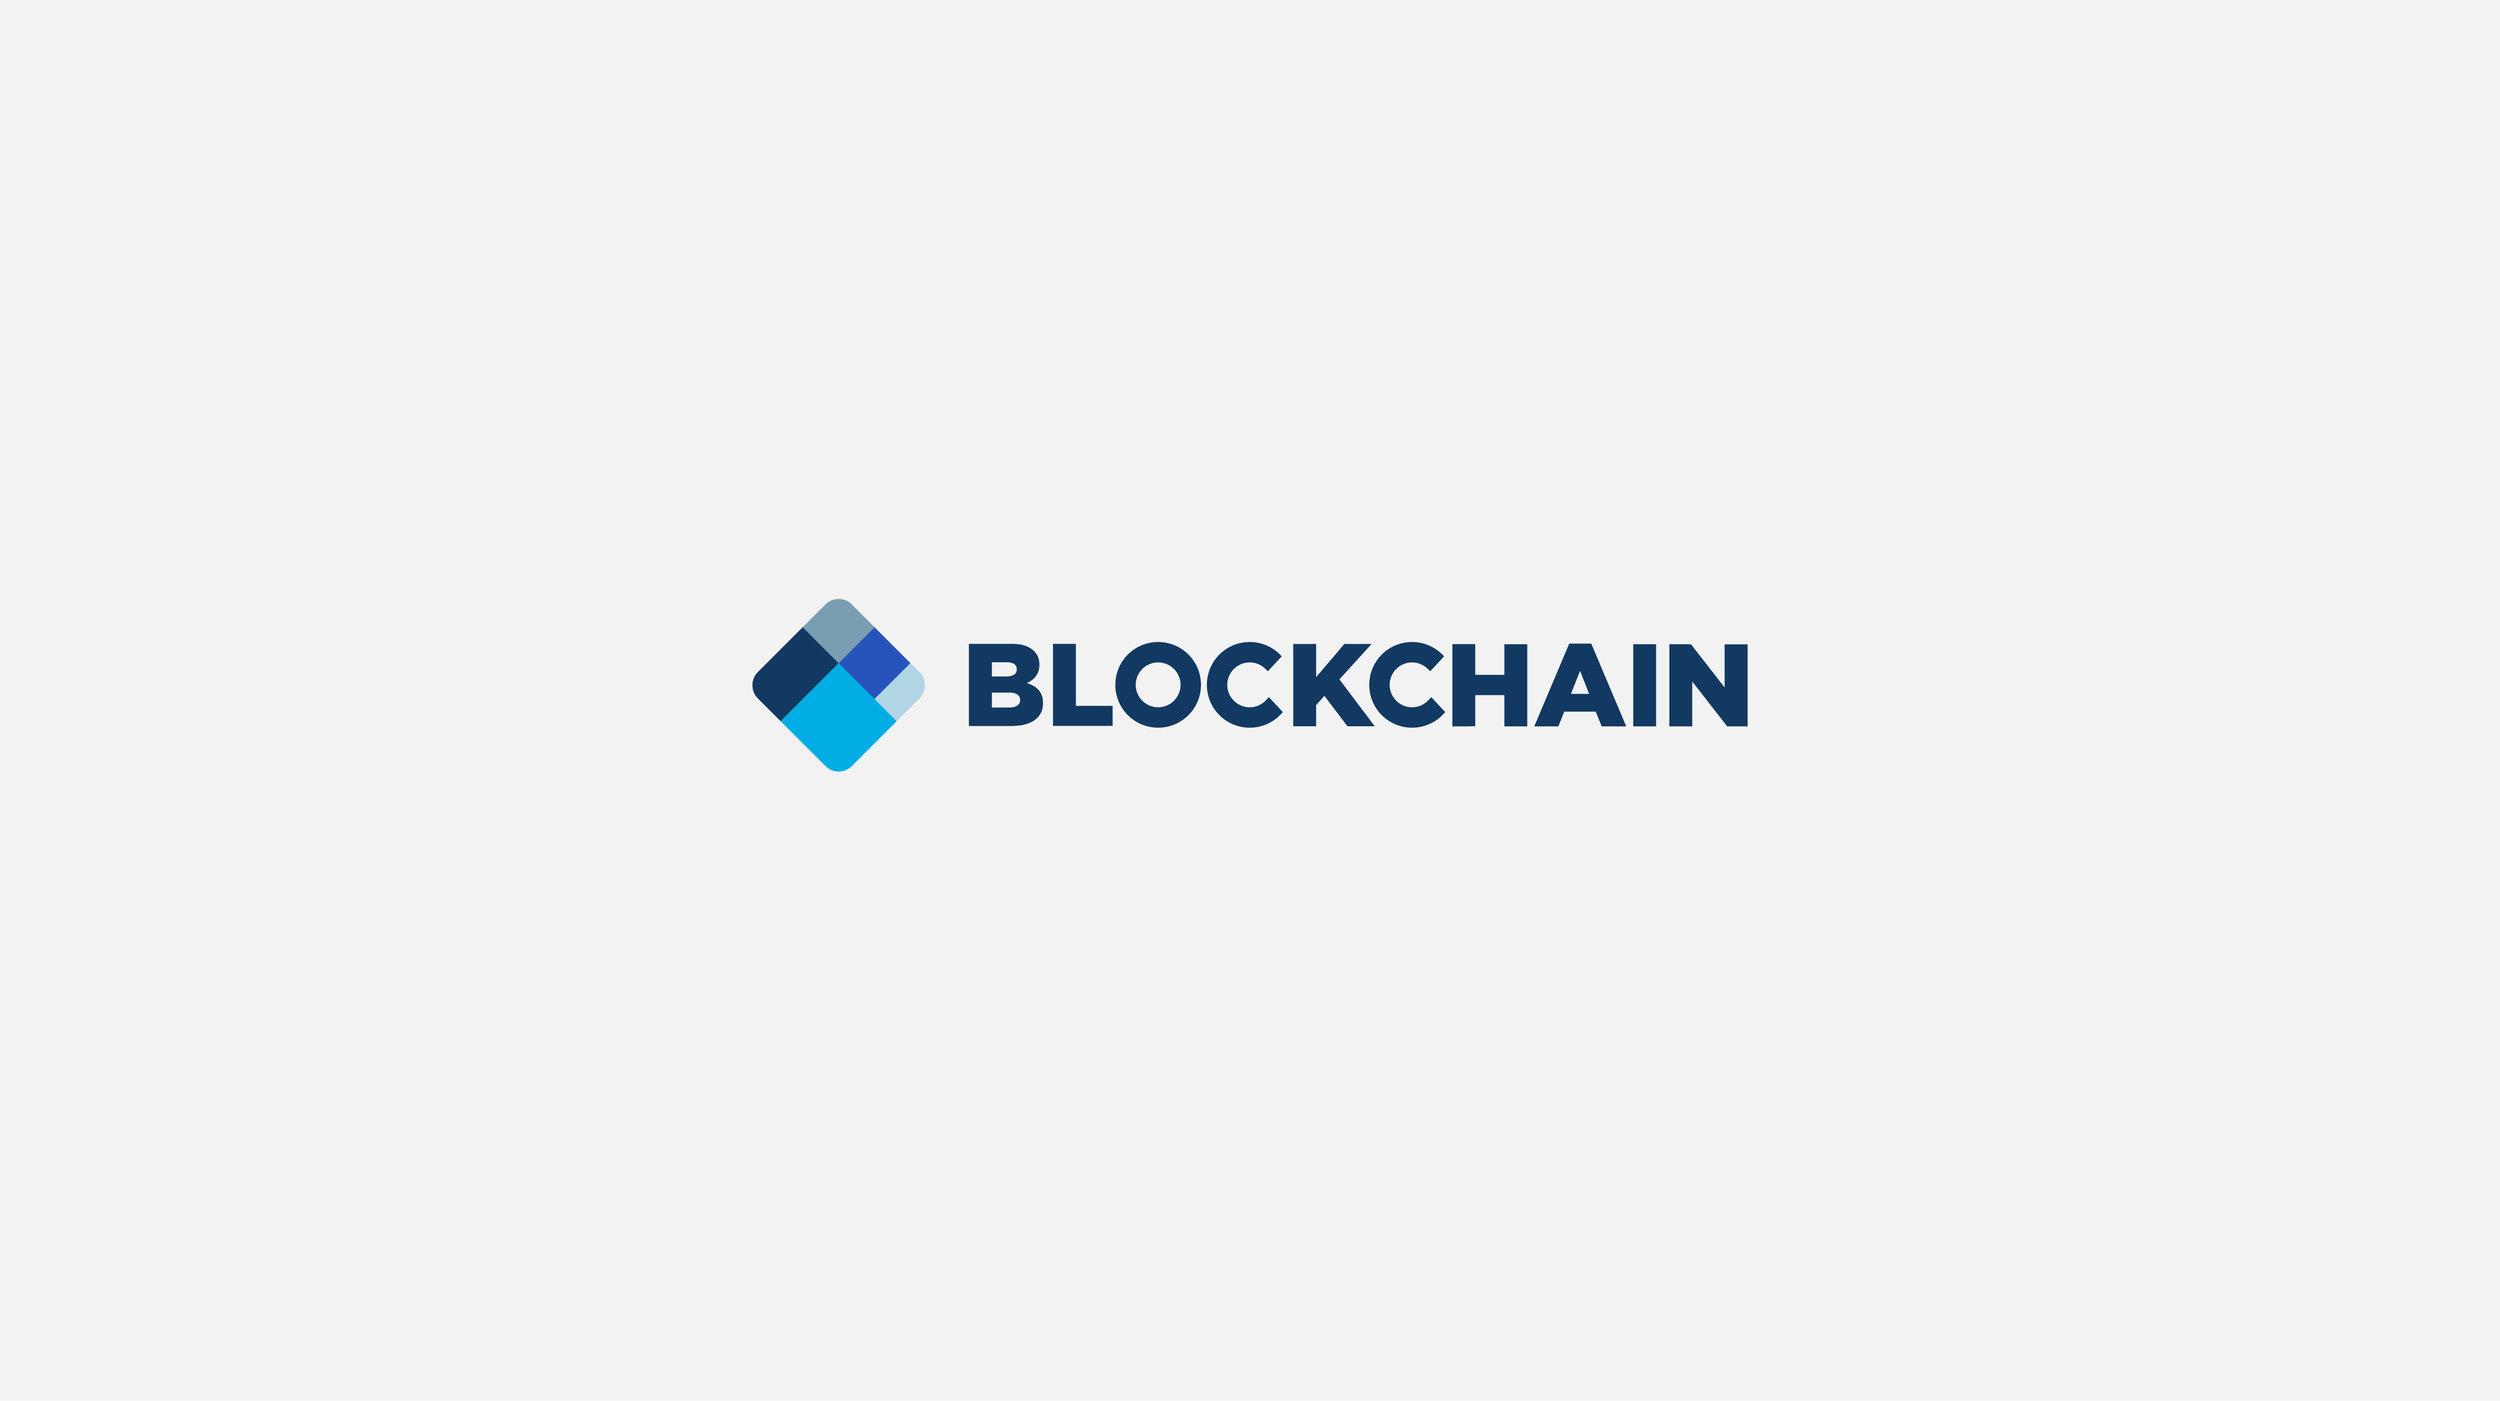 Blockchain 2@2x-100.jpg